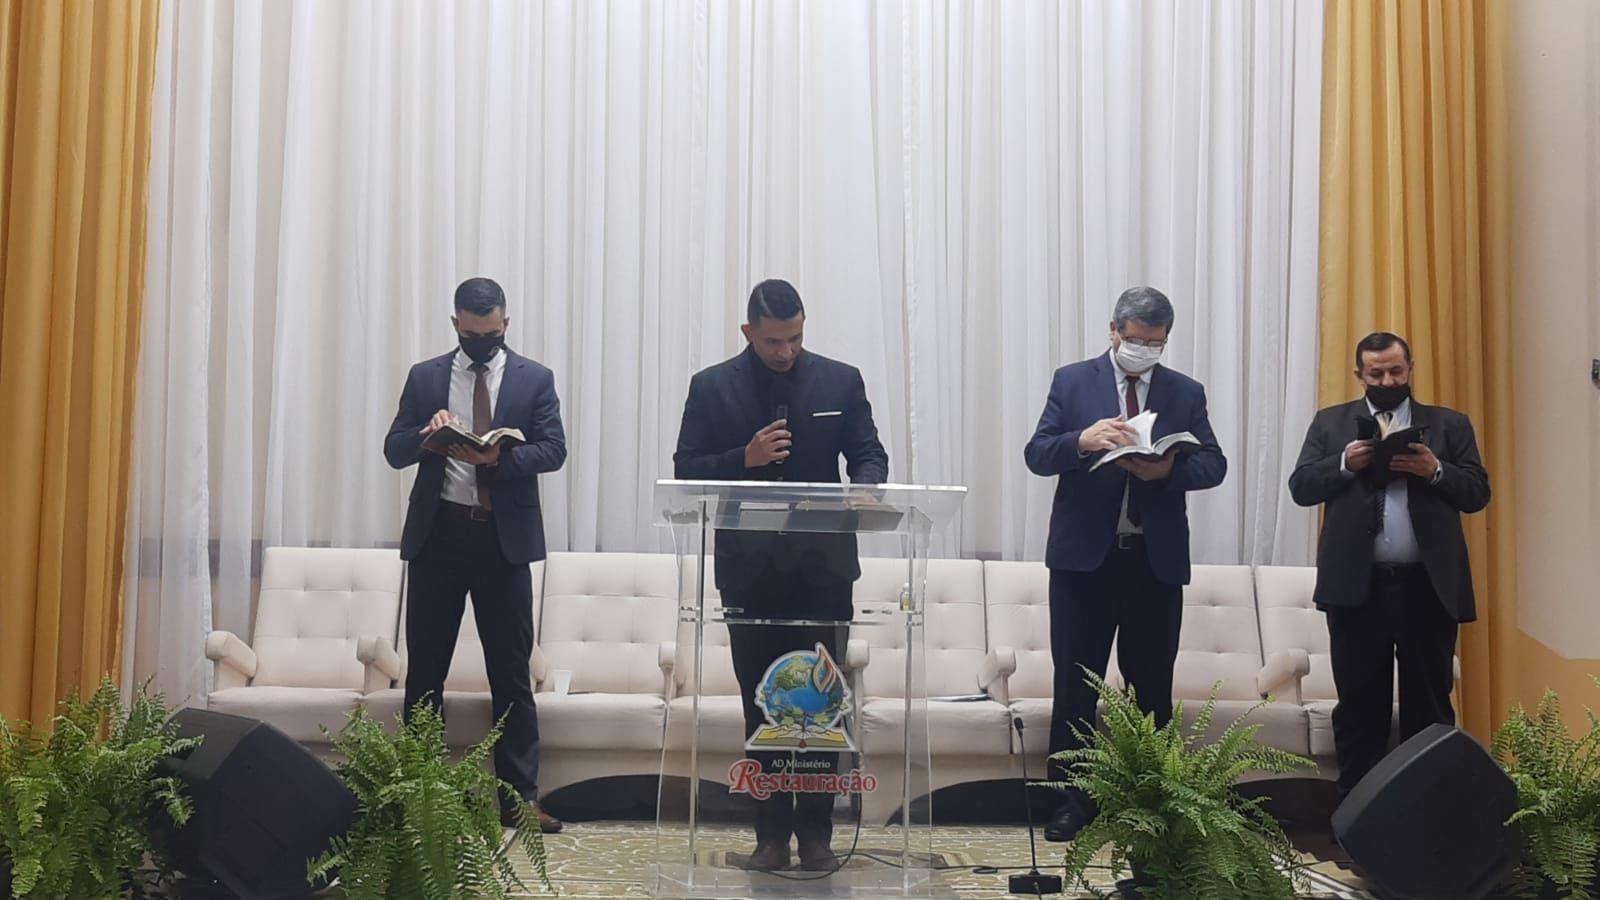 Dc. Marcos Jr. ministrou a Palavra no culto a noite. À direta, Pr. Josué Hoffmann e Pr. Ildo Manica. À esquerda, Pb. Bruno Beltrame.